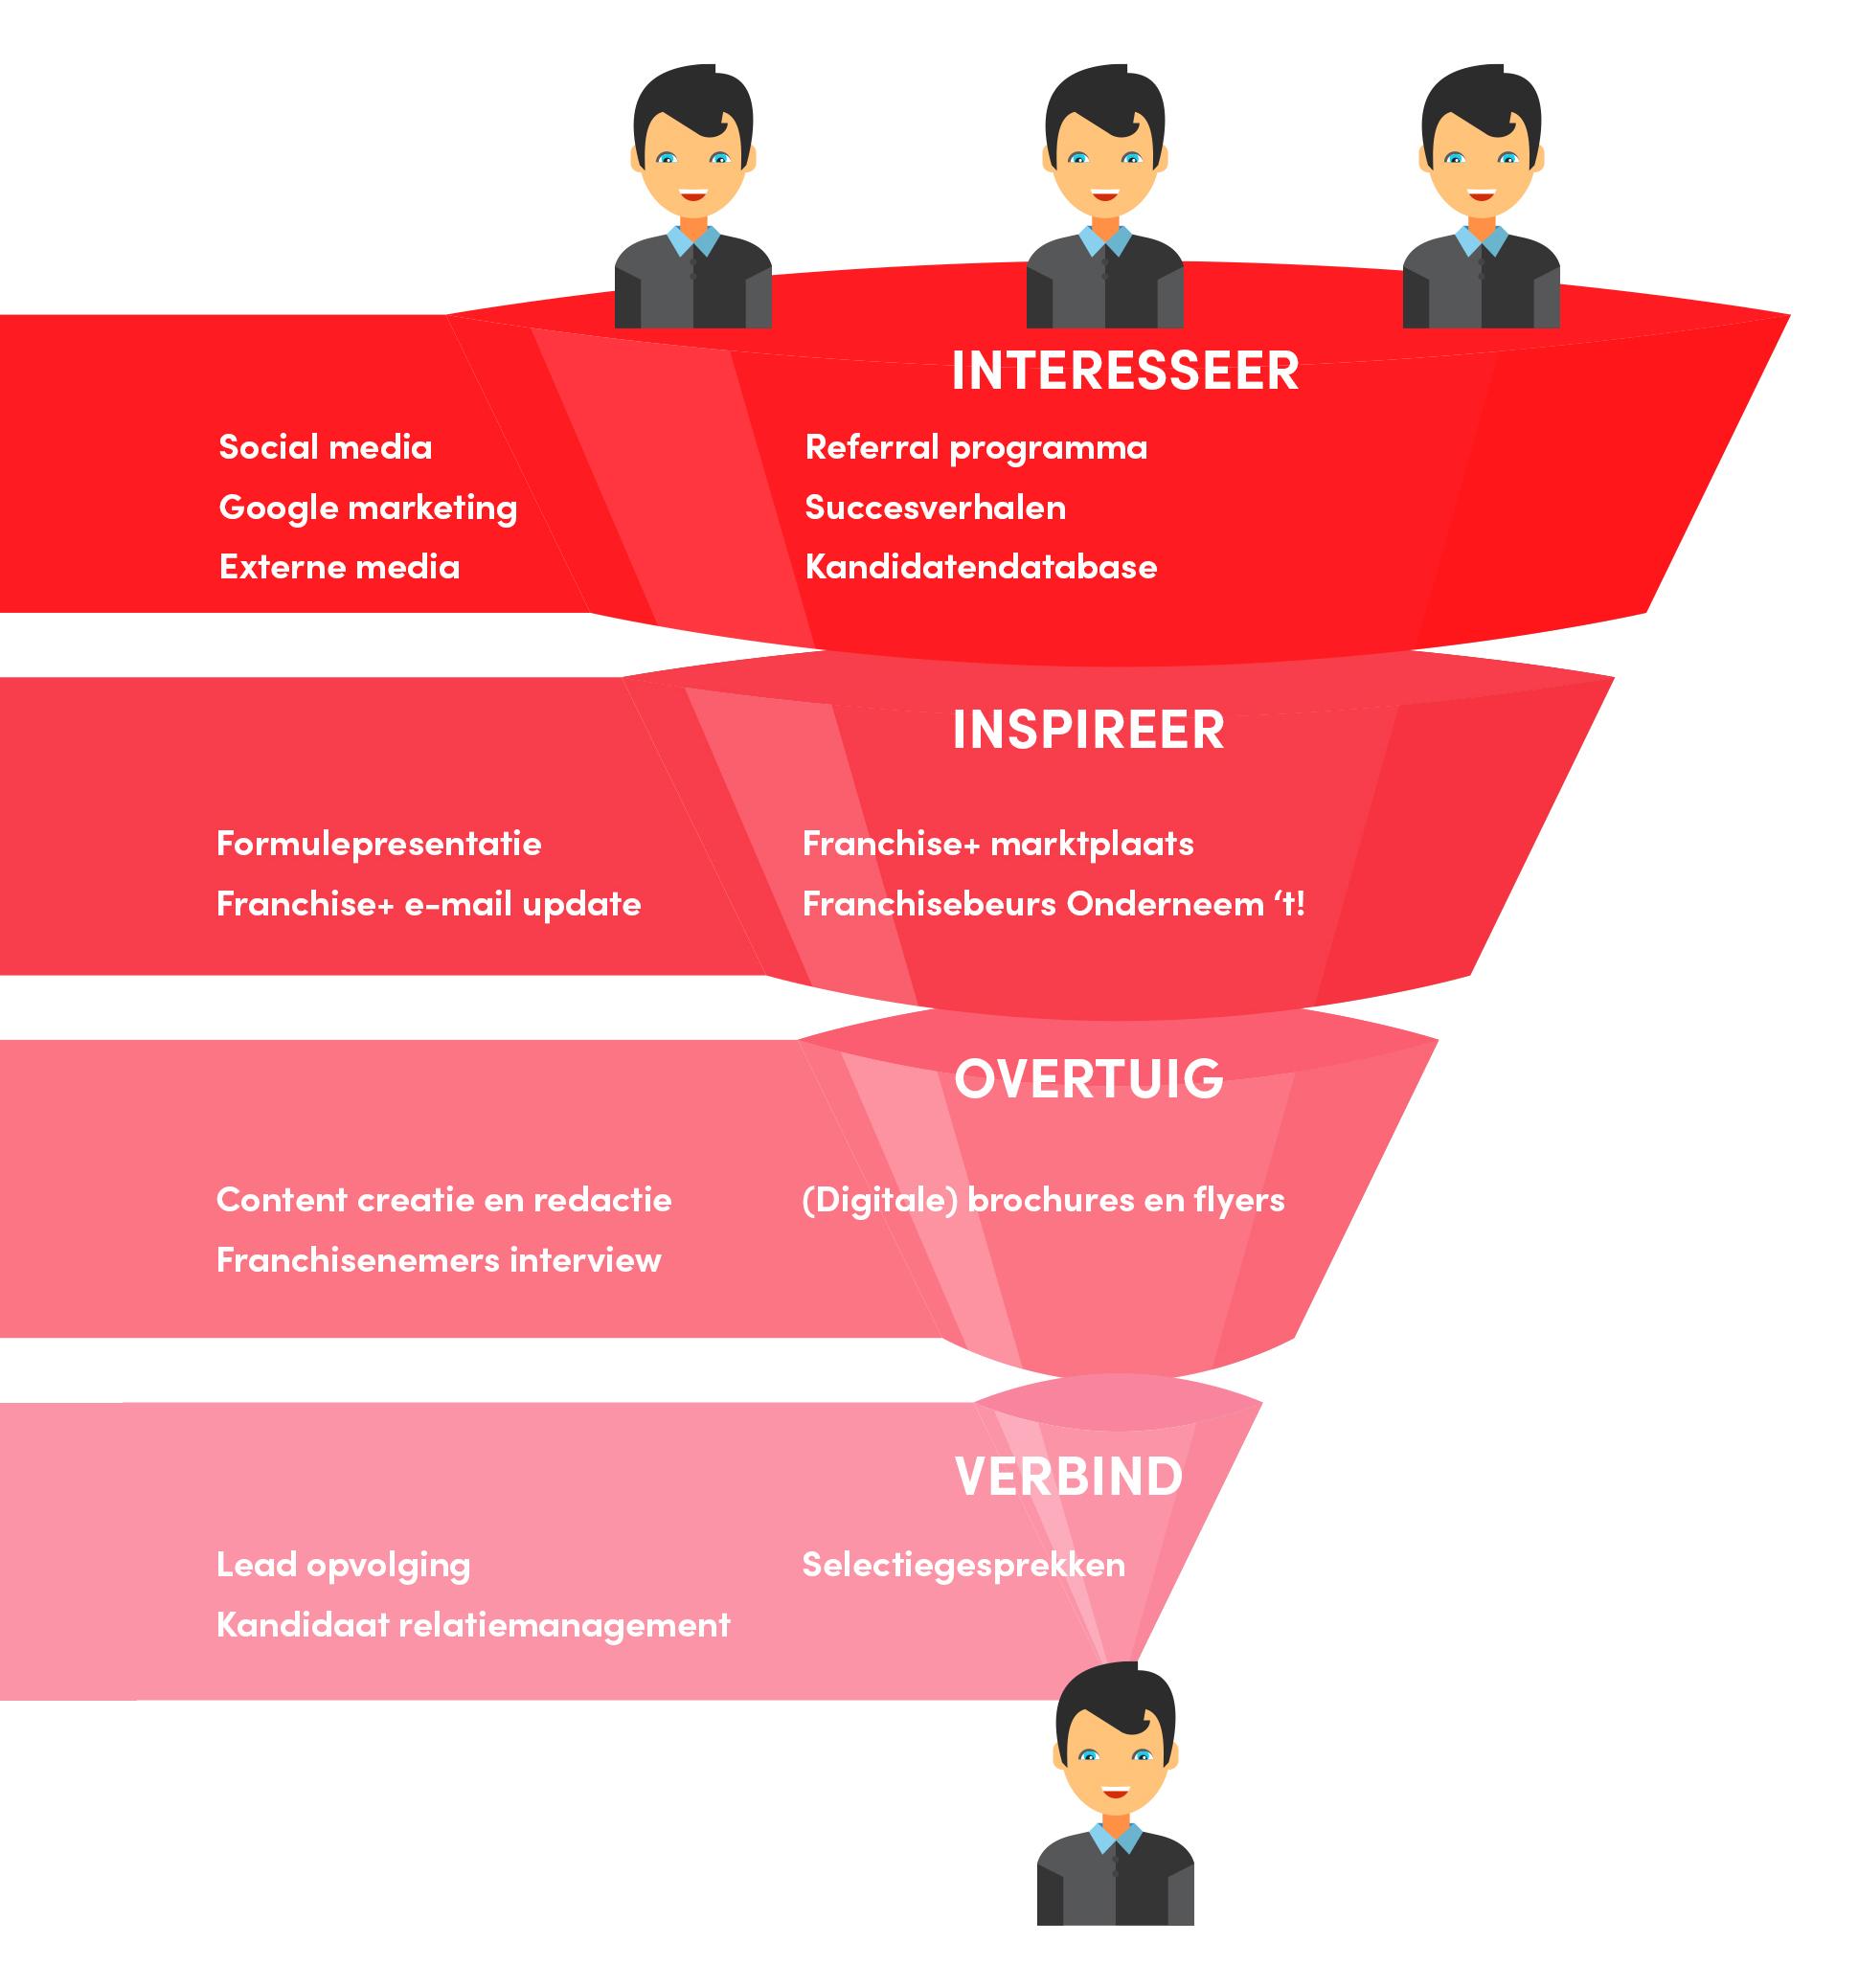 De Marketing van Franchise+ voor de werving van franchisenemers